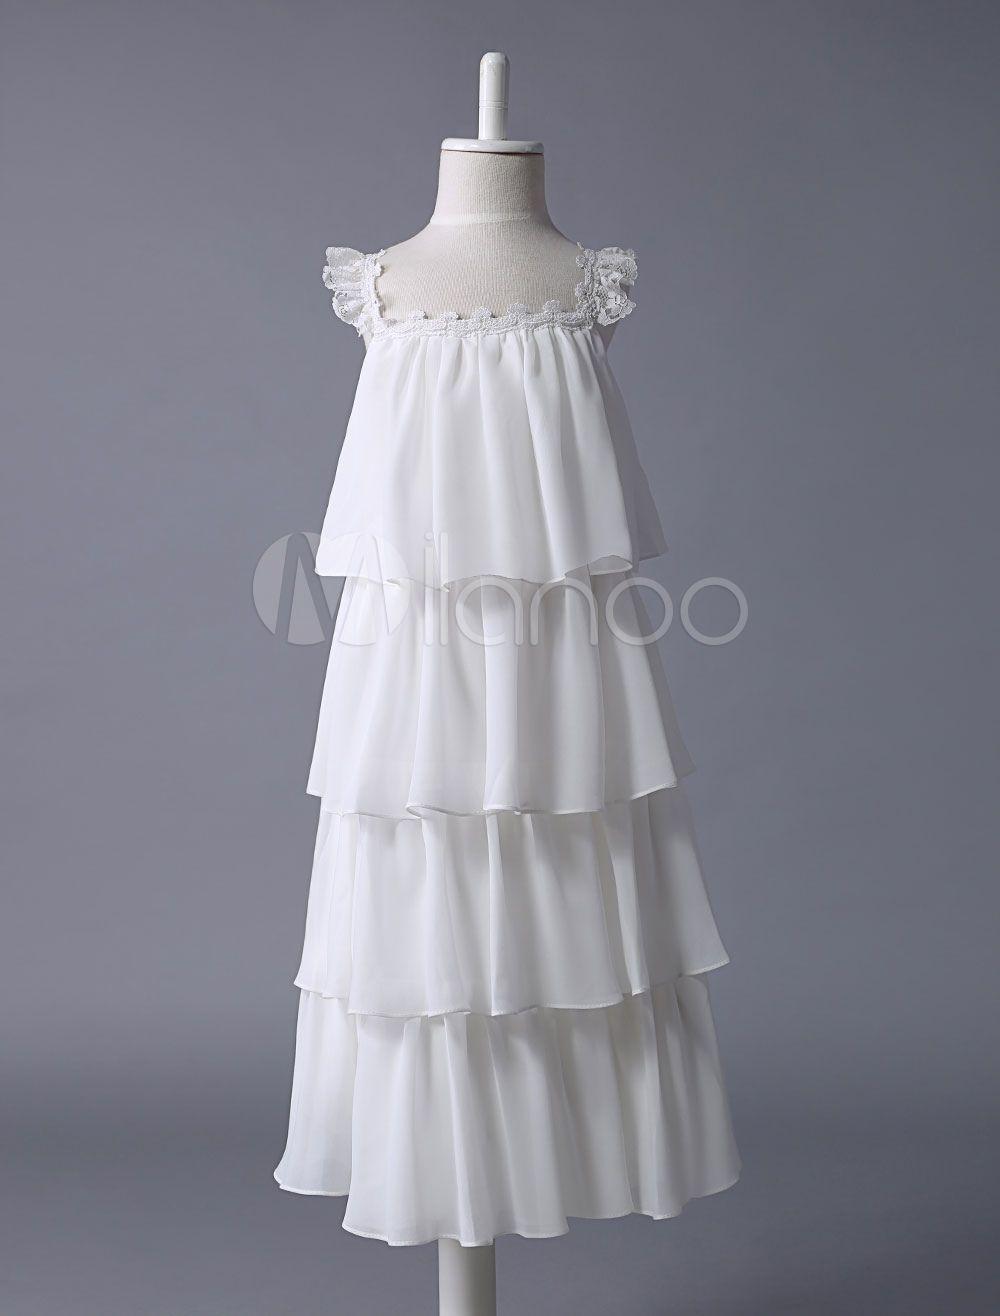 Elfenbein gestuften Spitzen Chiffon Hochzeit Blumenmädchen Kleid ...